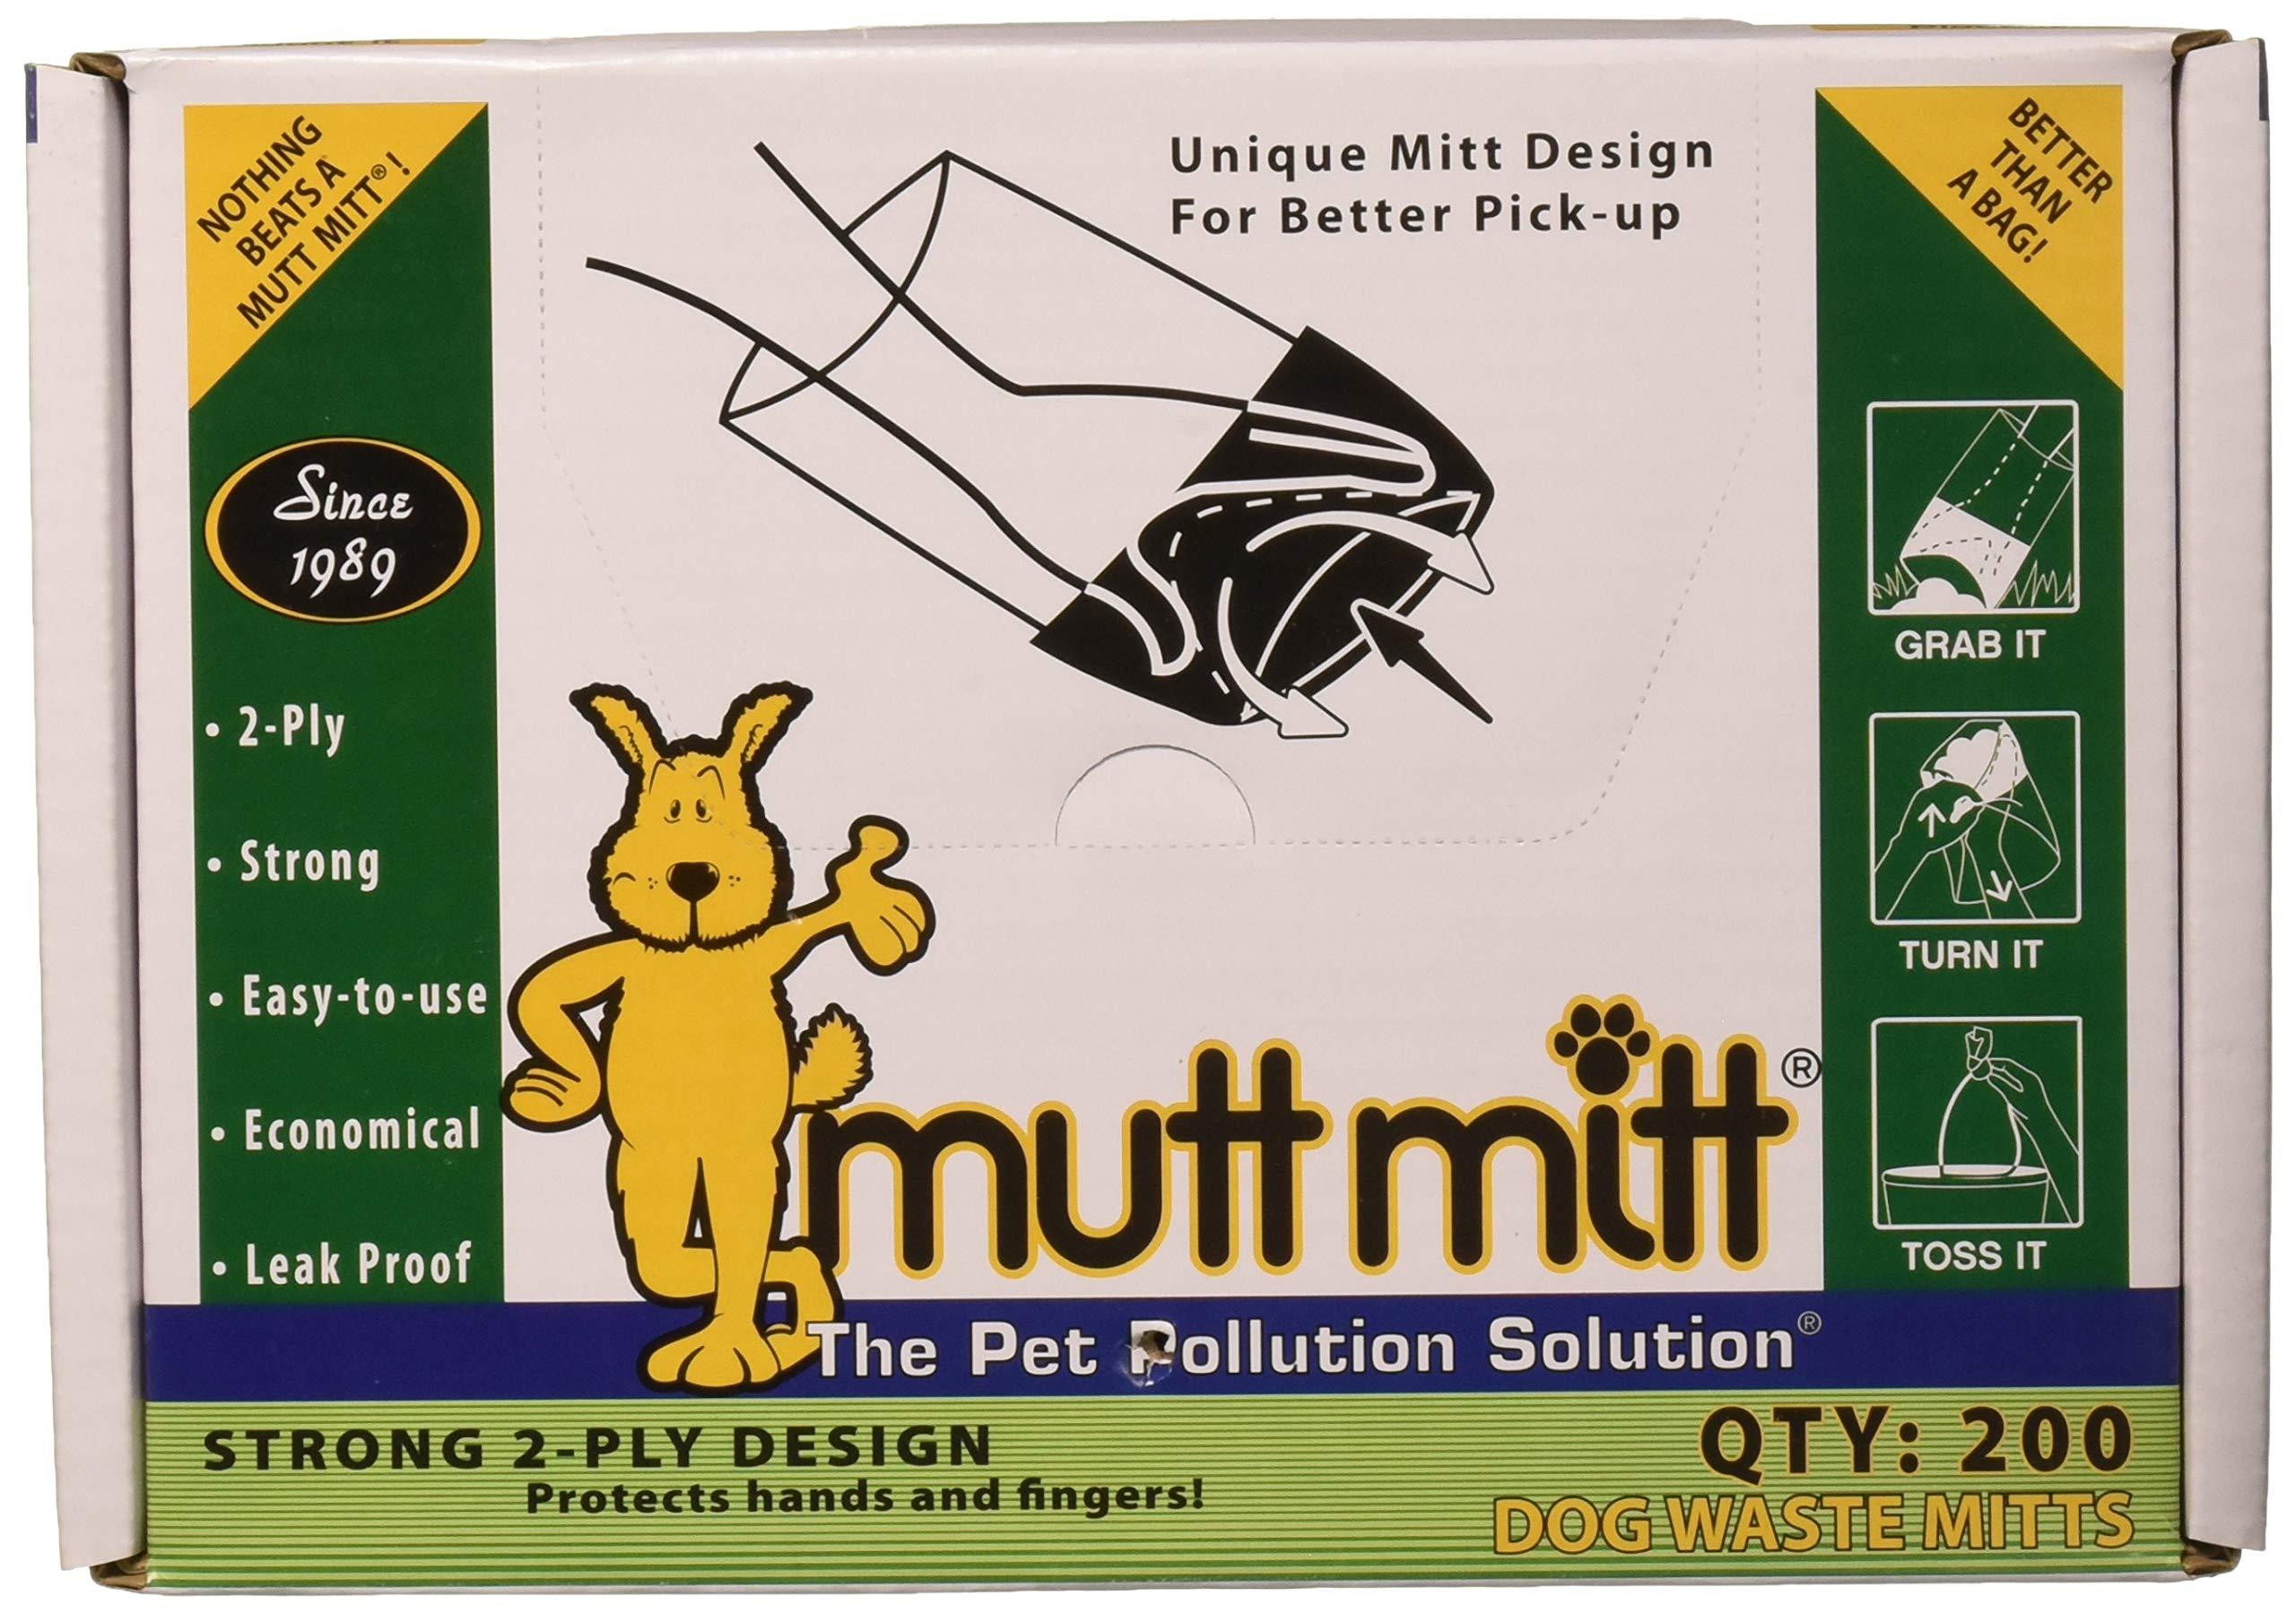 Dispense A Mitt Box 200 Count by Mutt Mitt